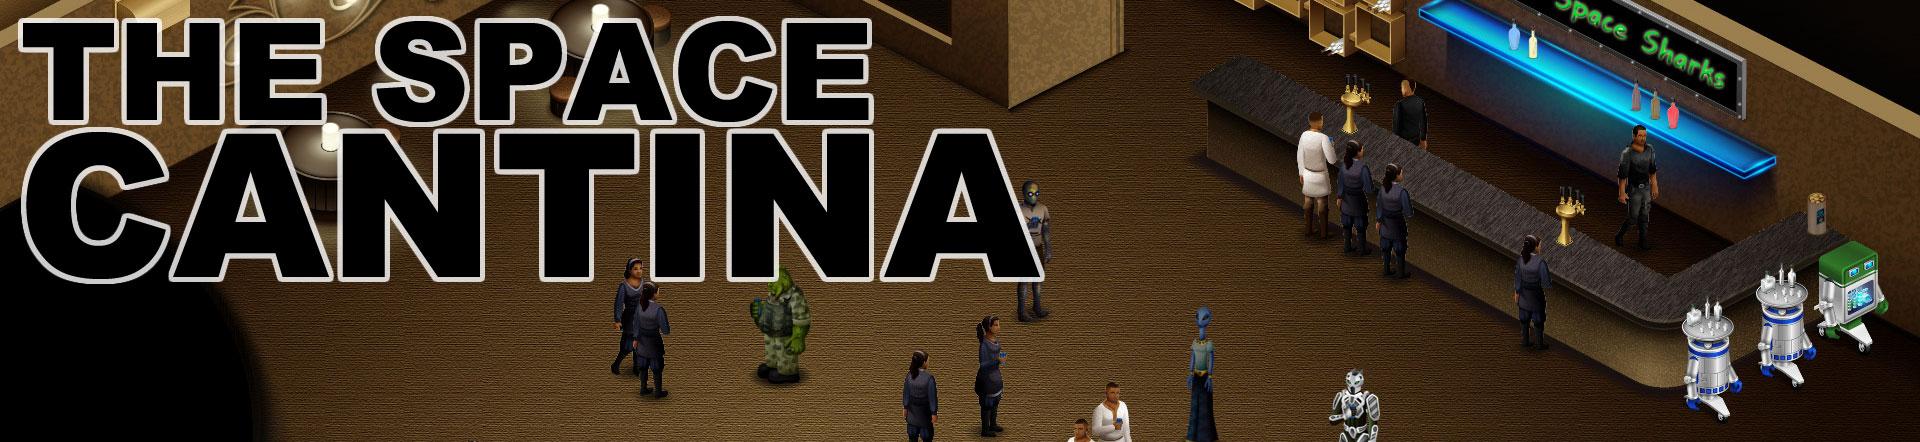 bg_the_space_cantina